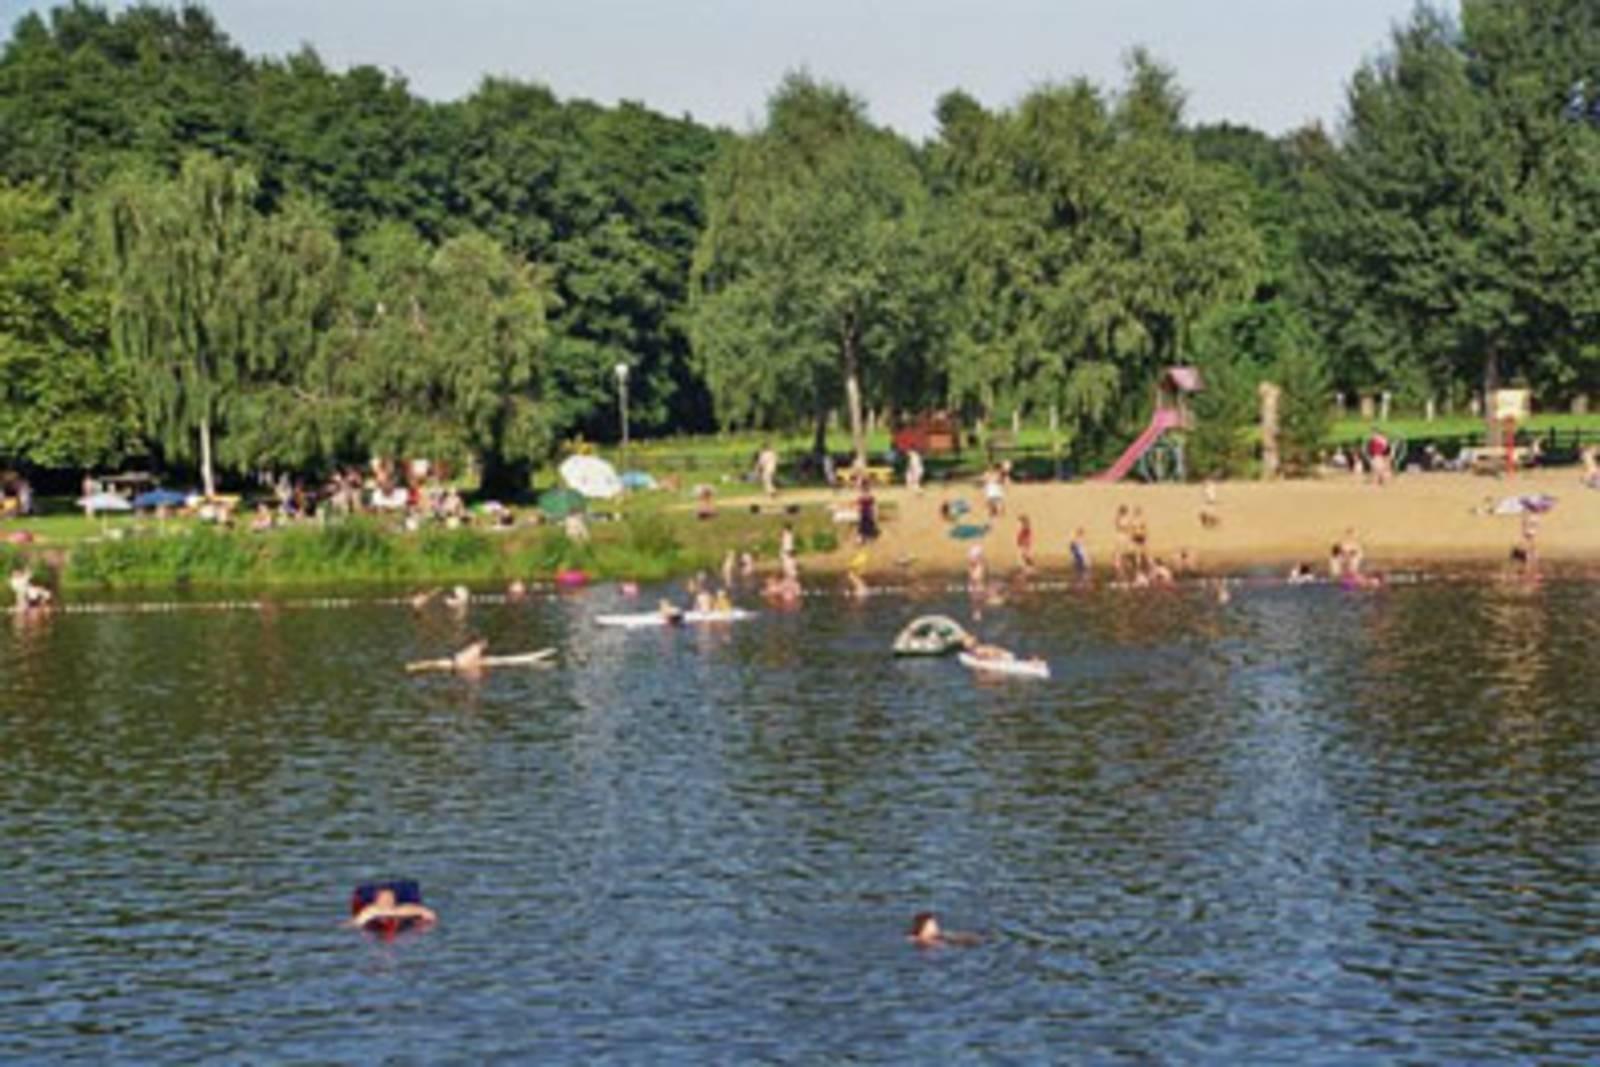 Im See schwimmende und spielende Personen, im Strandbereich Badegäste und Spielgeräte, dahinter Liegewiese und Wald